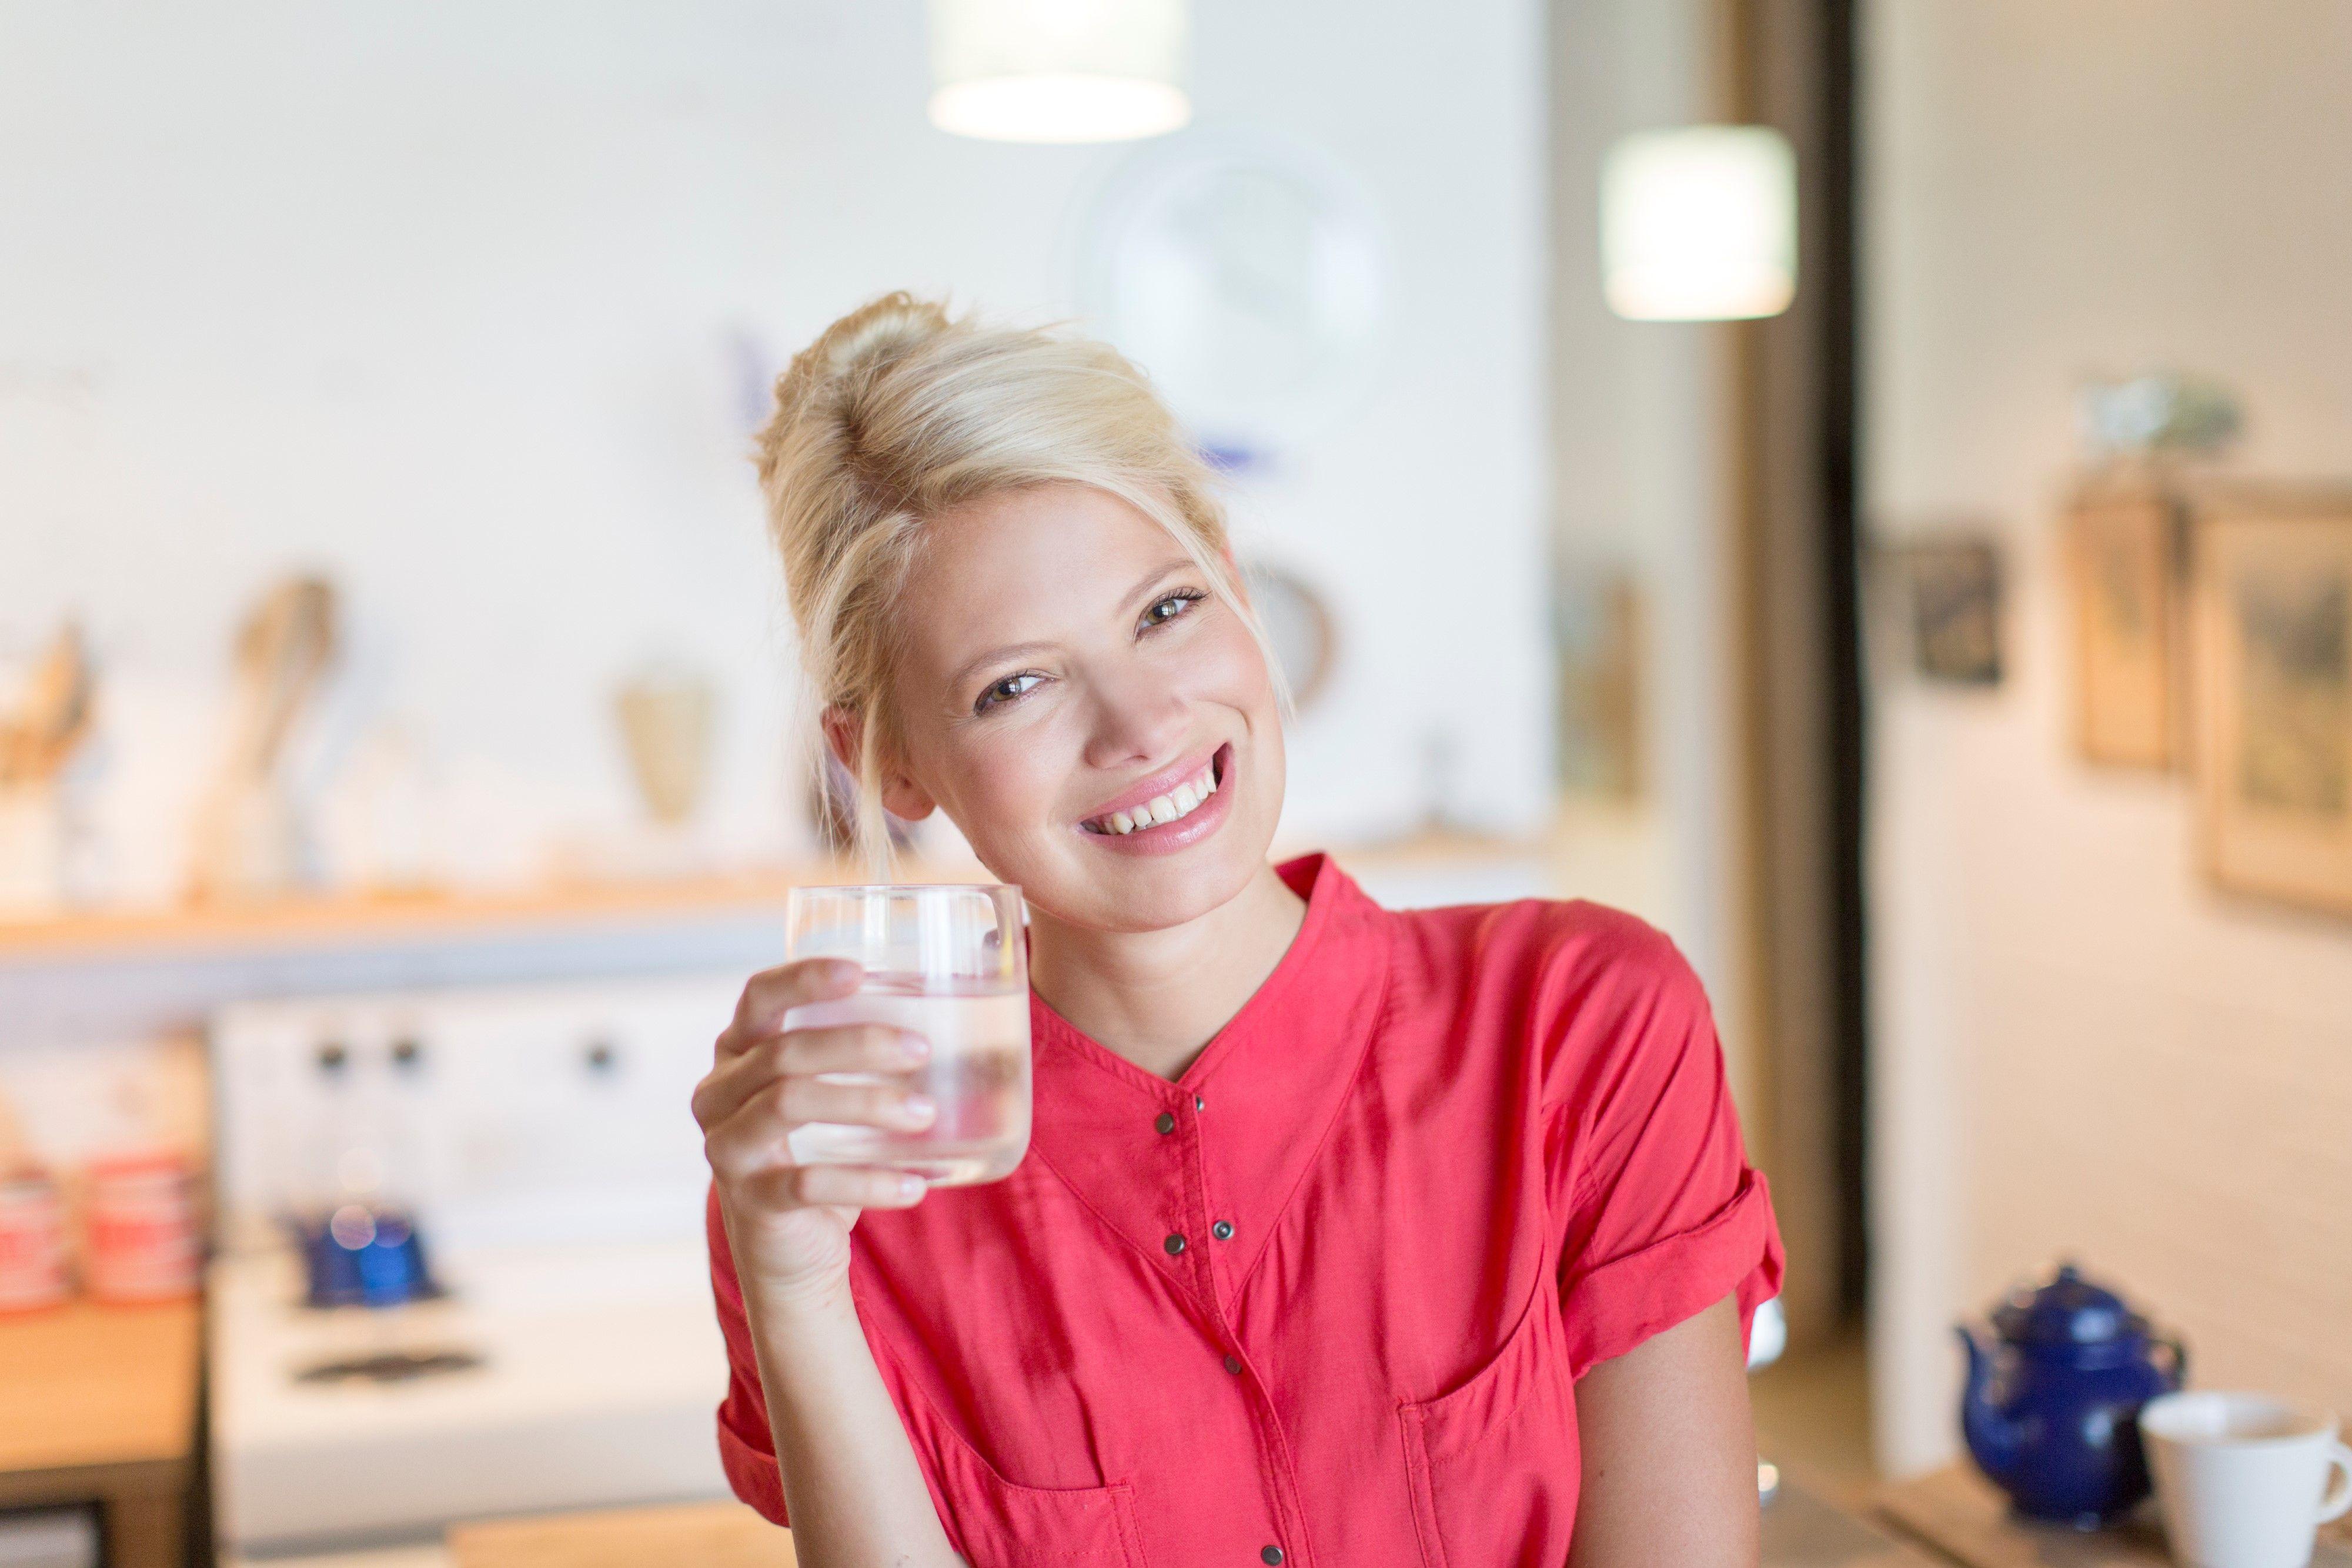 perdere peso bevendo solo acqua